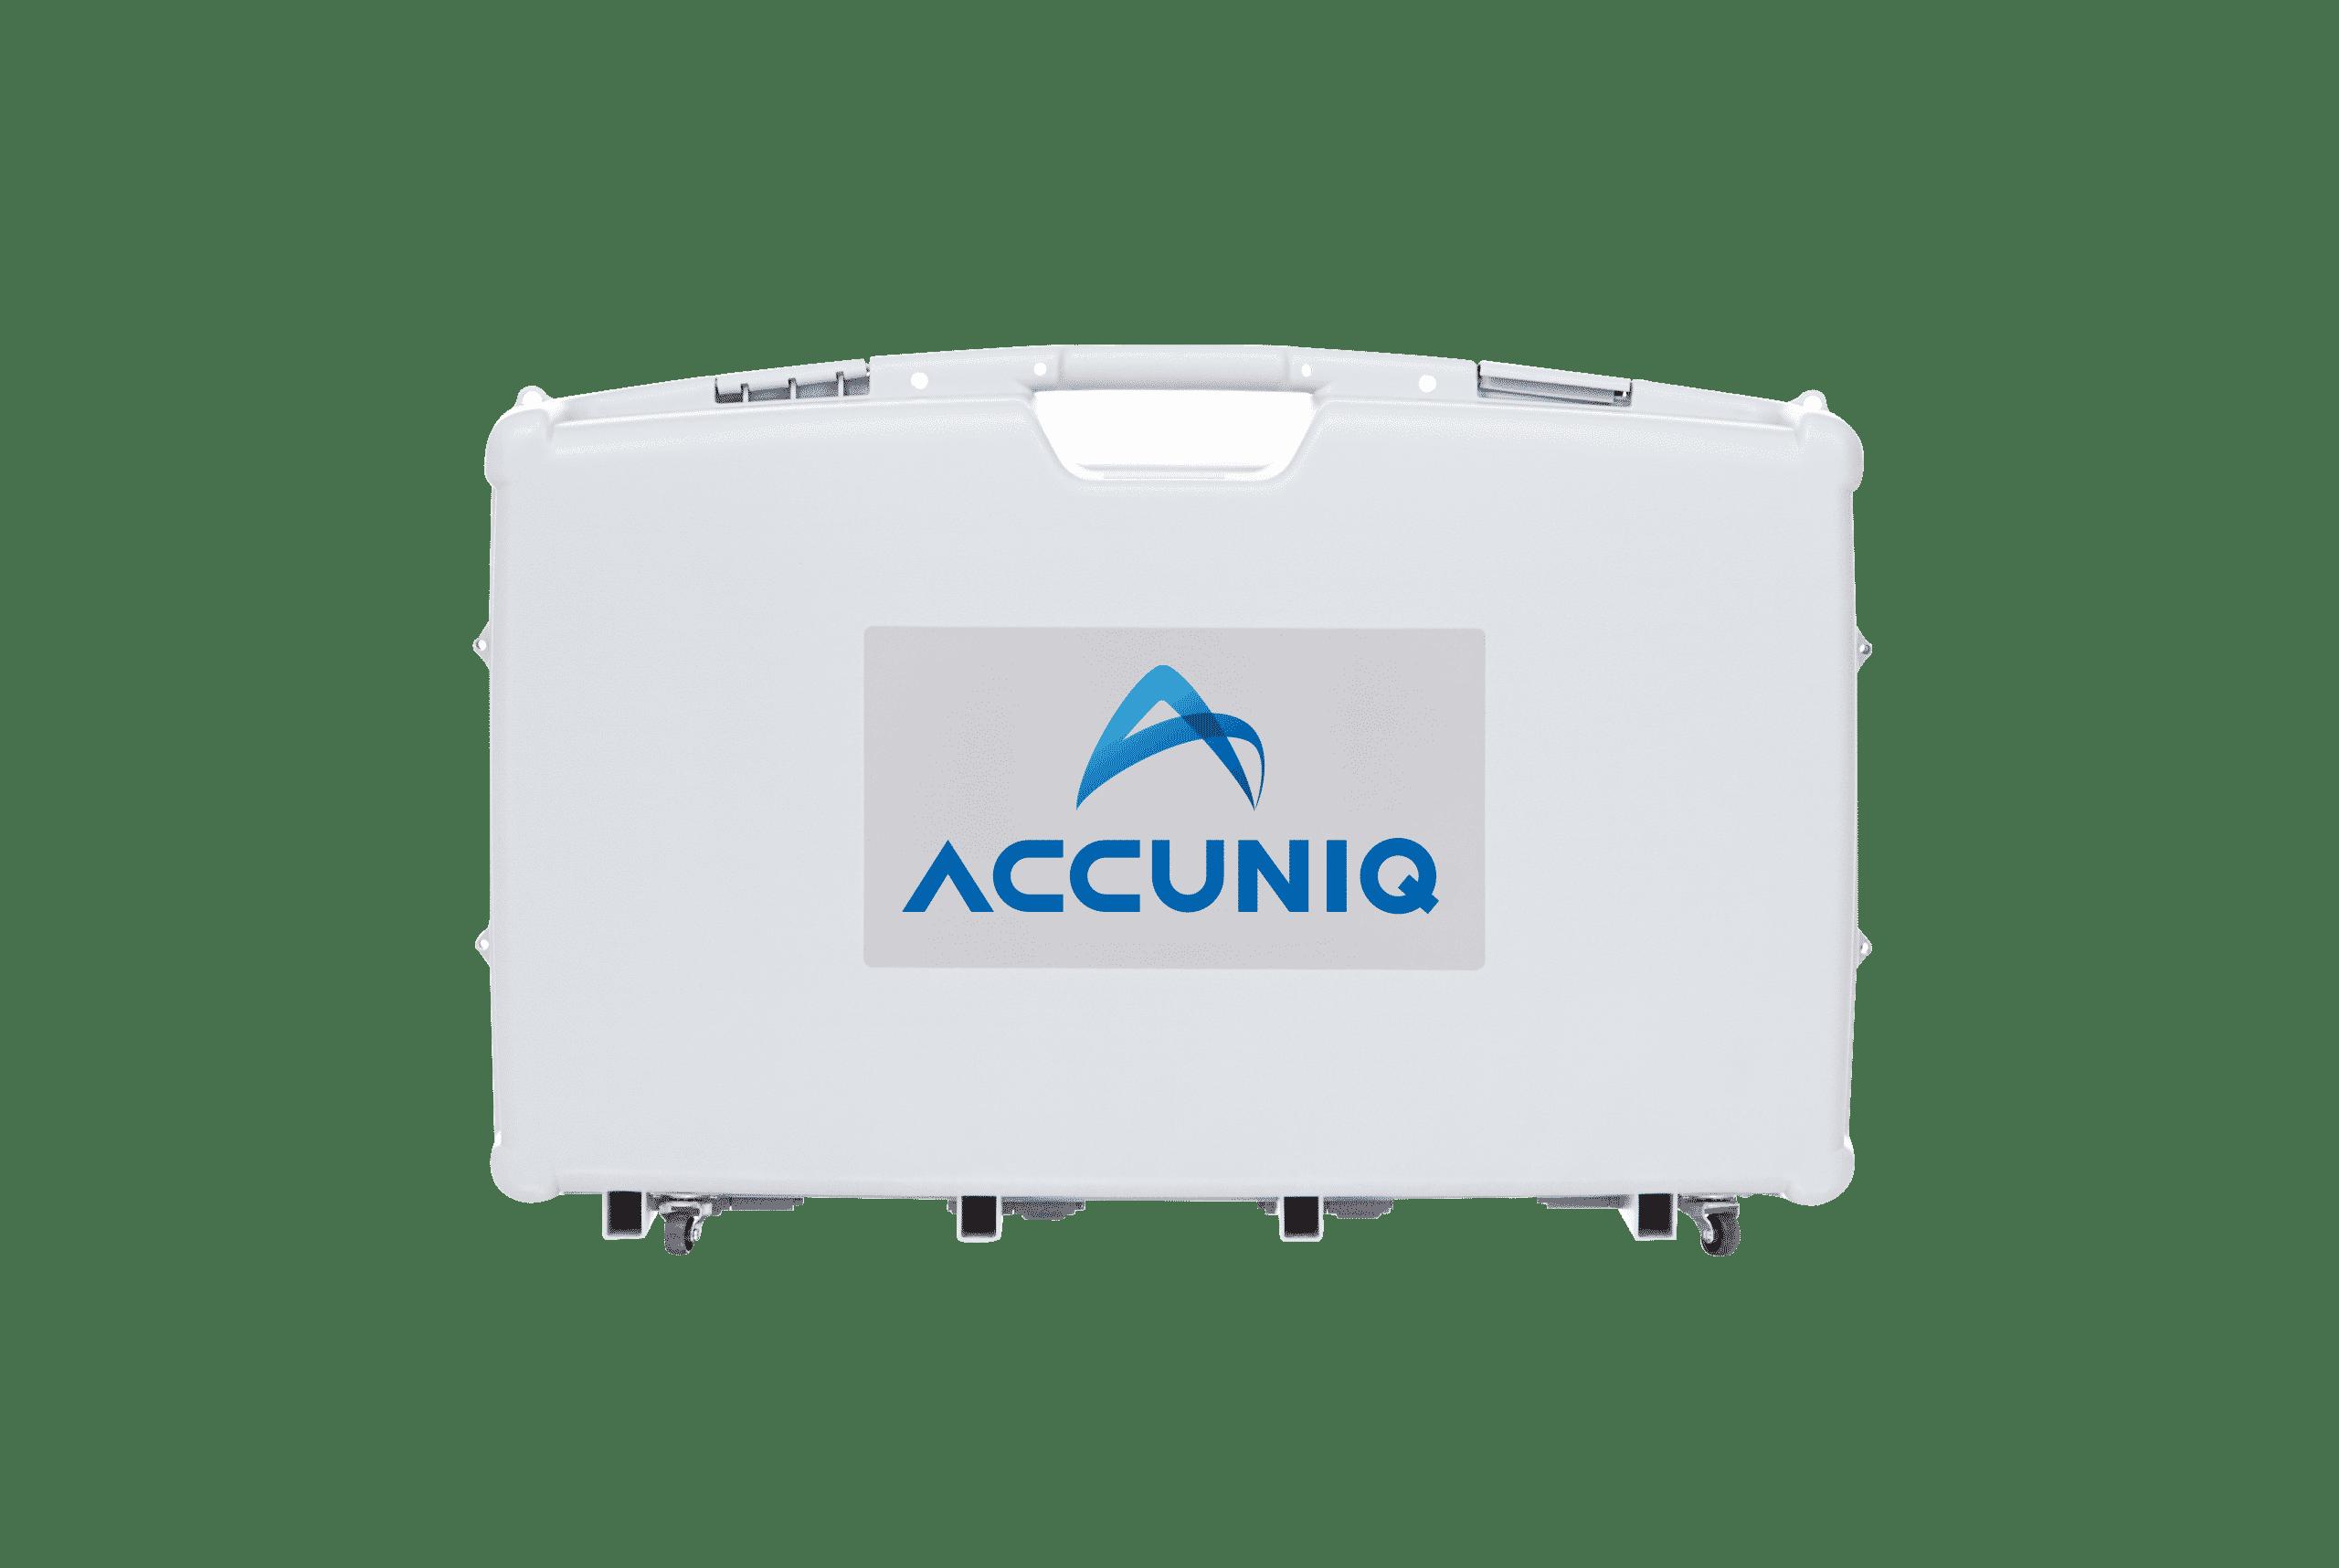 กระเป๋าเครื่องวัดวิเคราะห์องค์ประกอบในร่างกาย Accuniq BC300